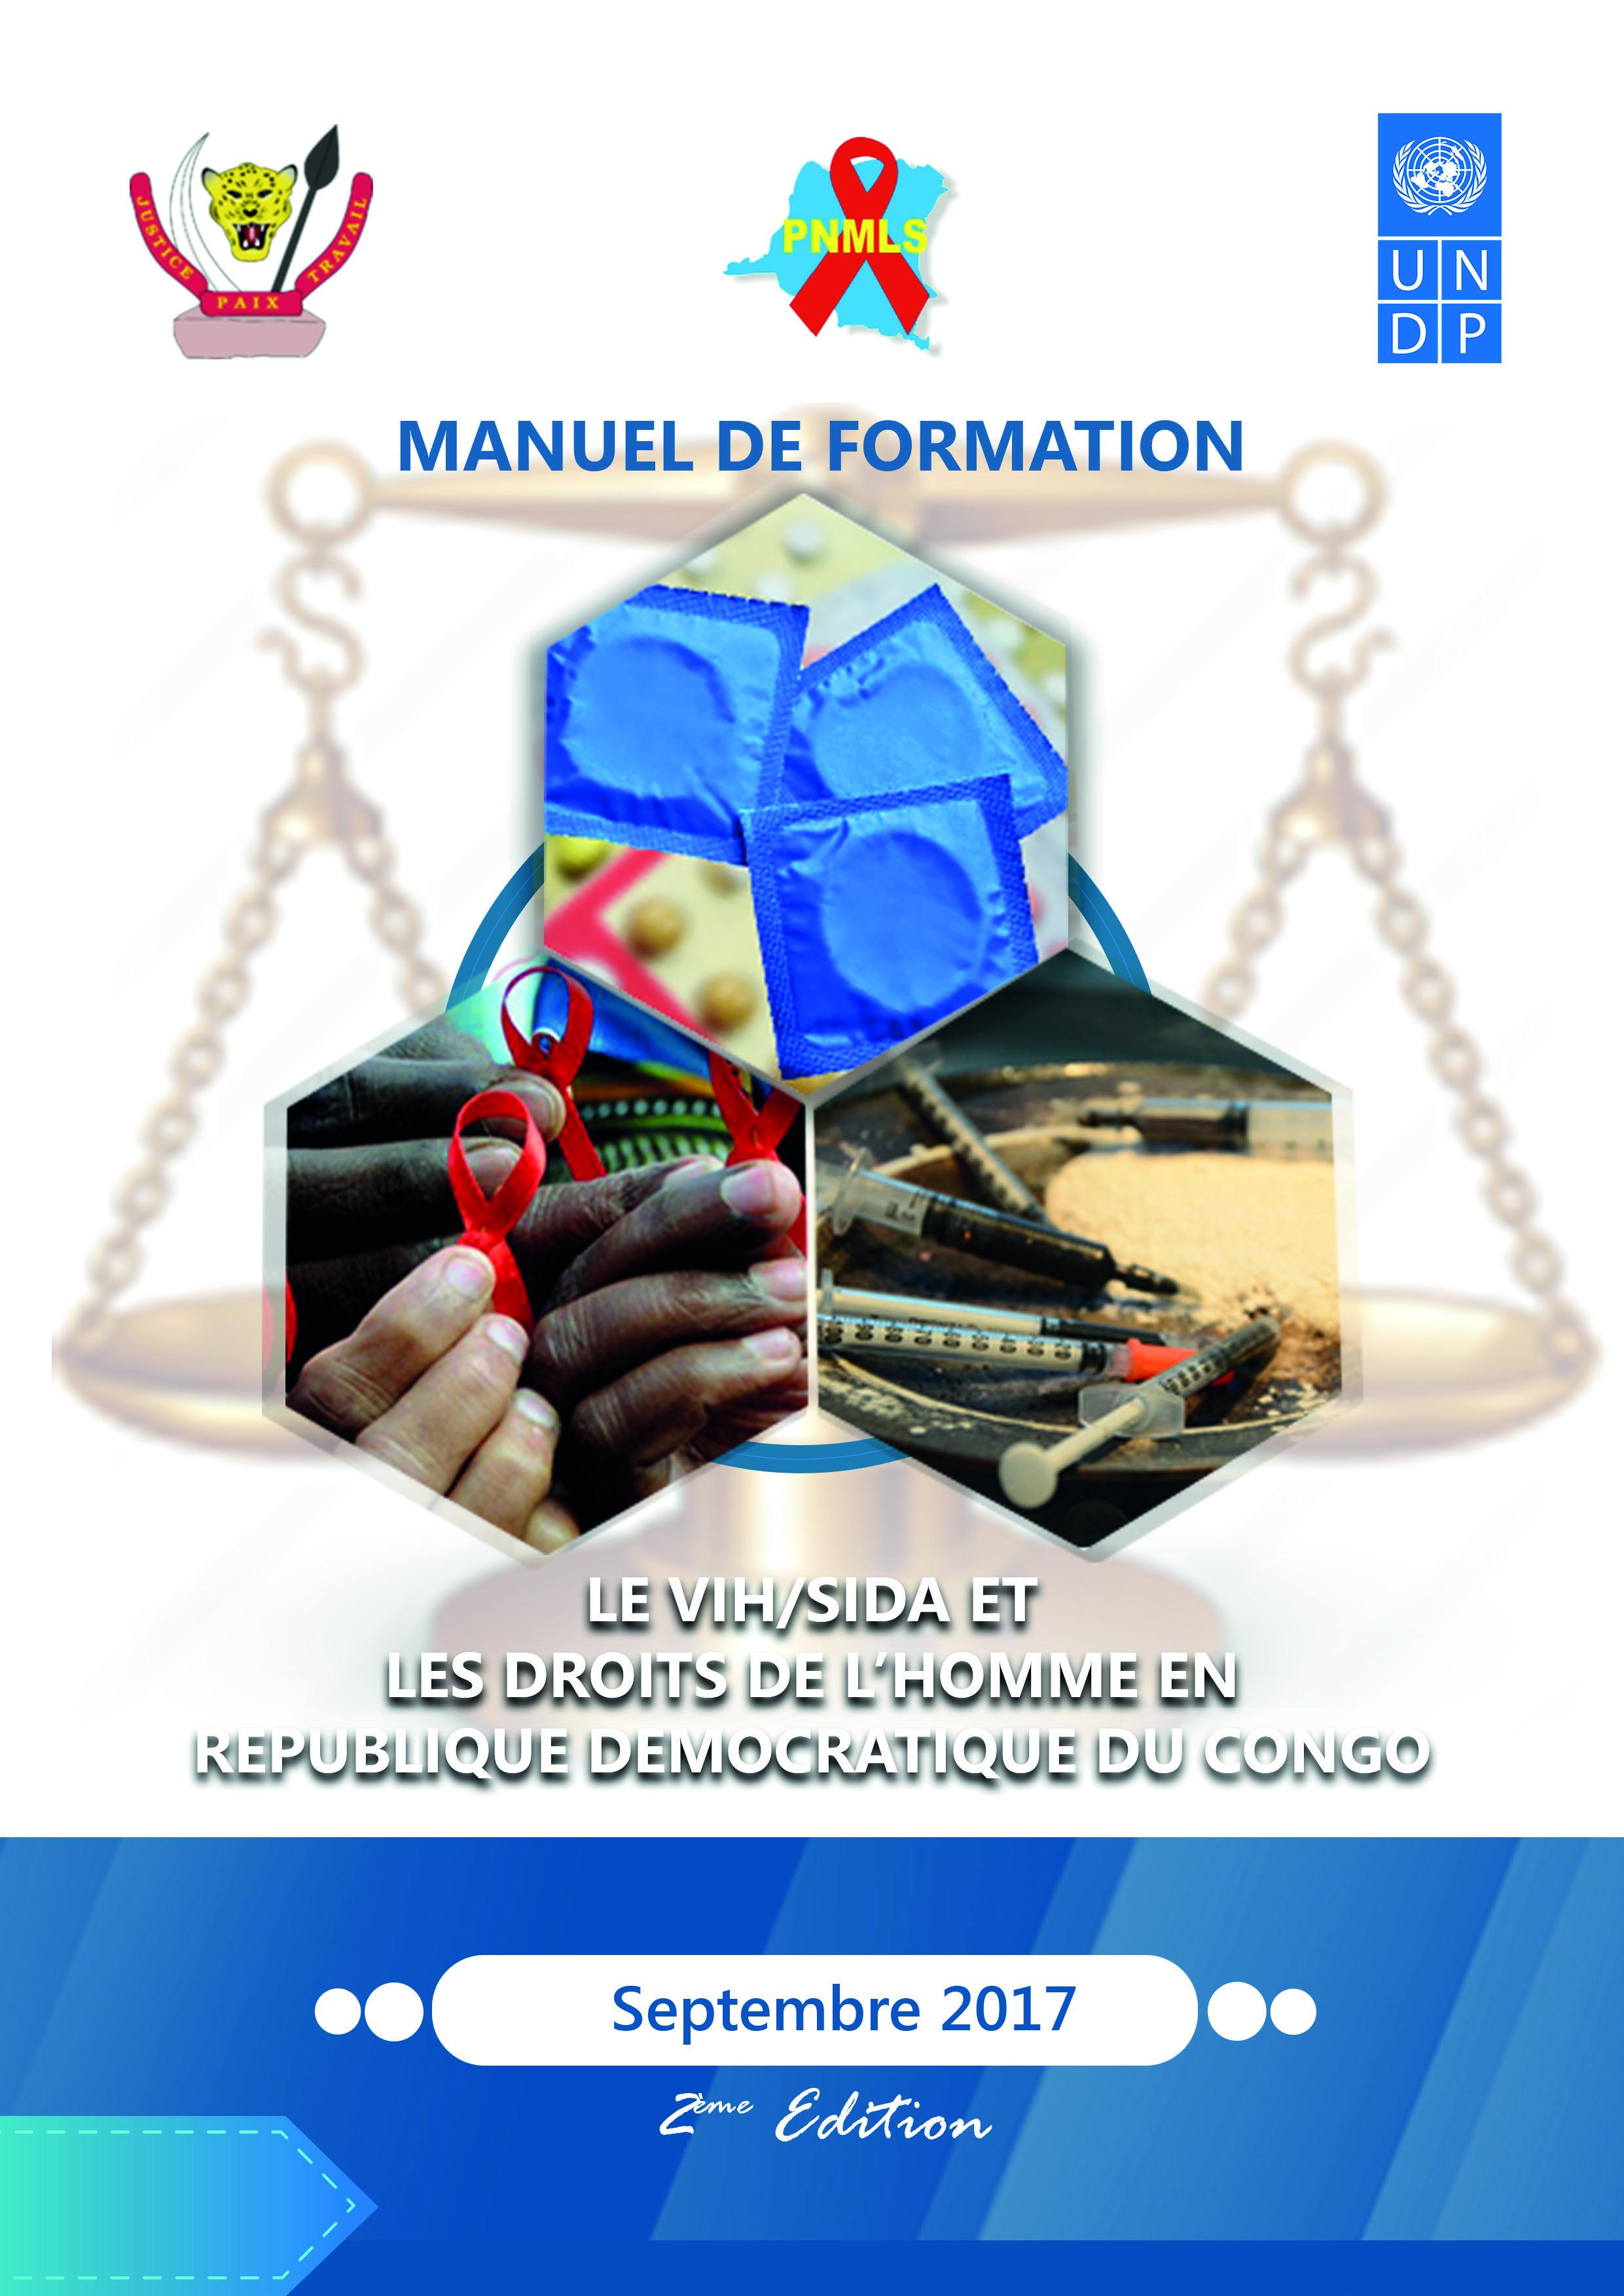 Le VIH/SIDA et les droits de l'homme en Republique Democratique du Congo: Manuel de formation (2nd edition)